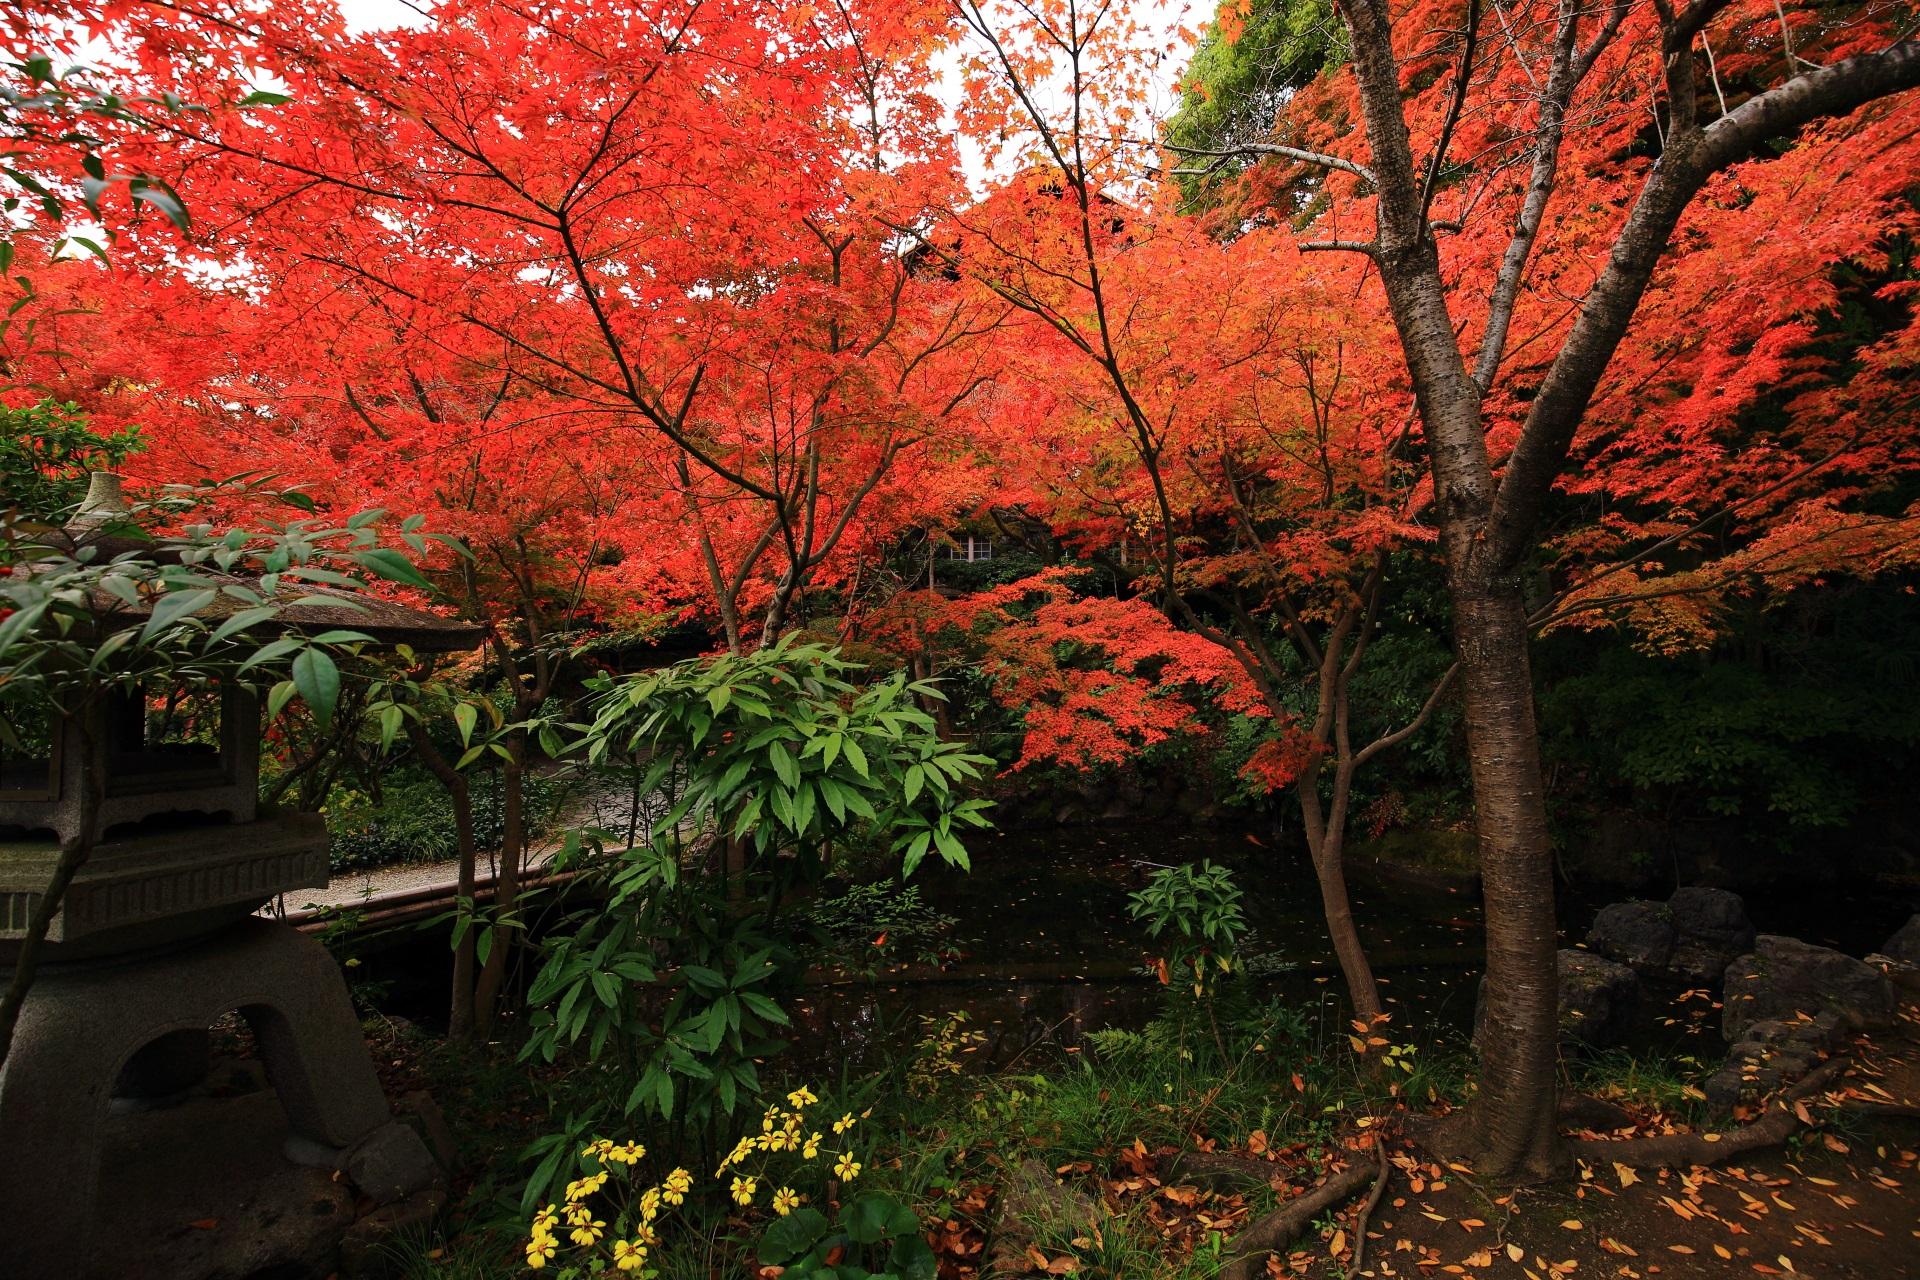 鮮やかな紅葉の下で咲く黄色い石蕗(ツワブキ)の花